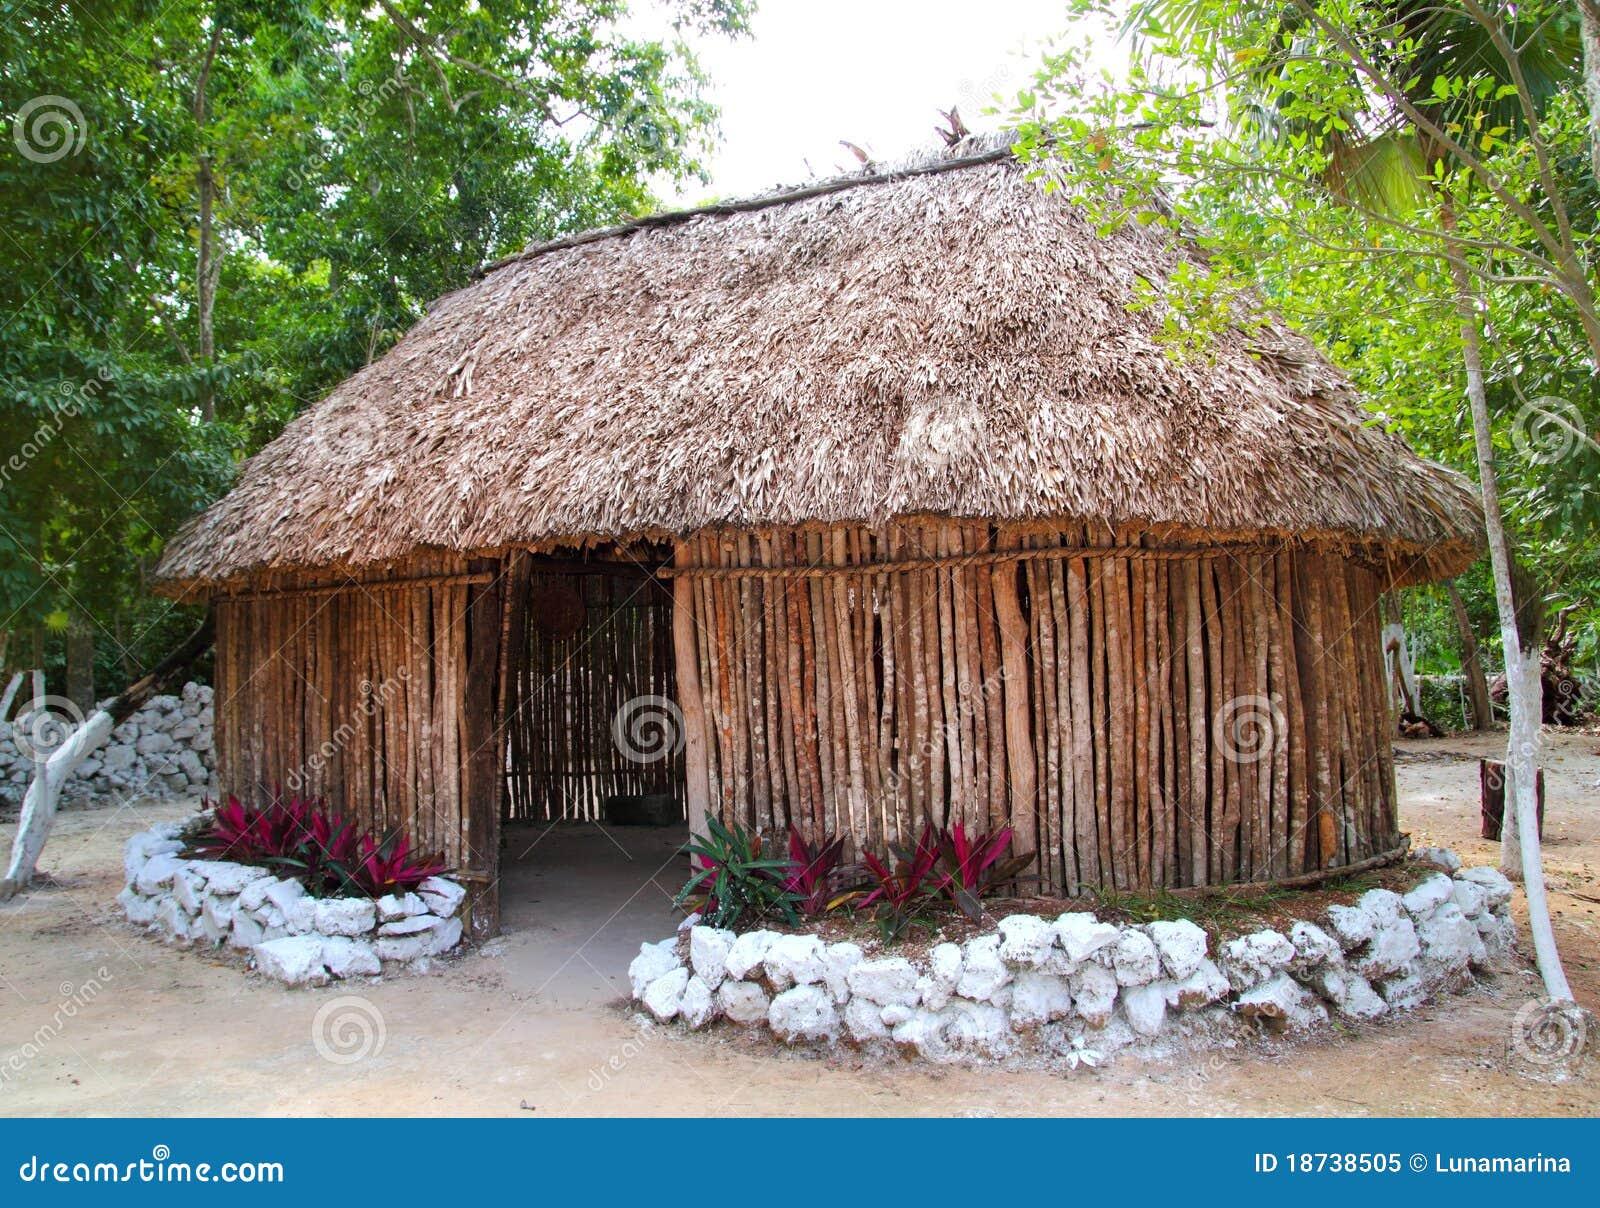 palapa mayan della capanna della cabina della casa di